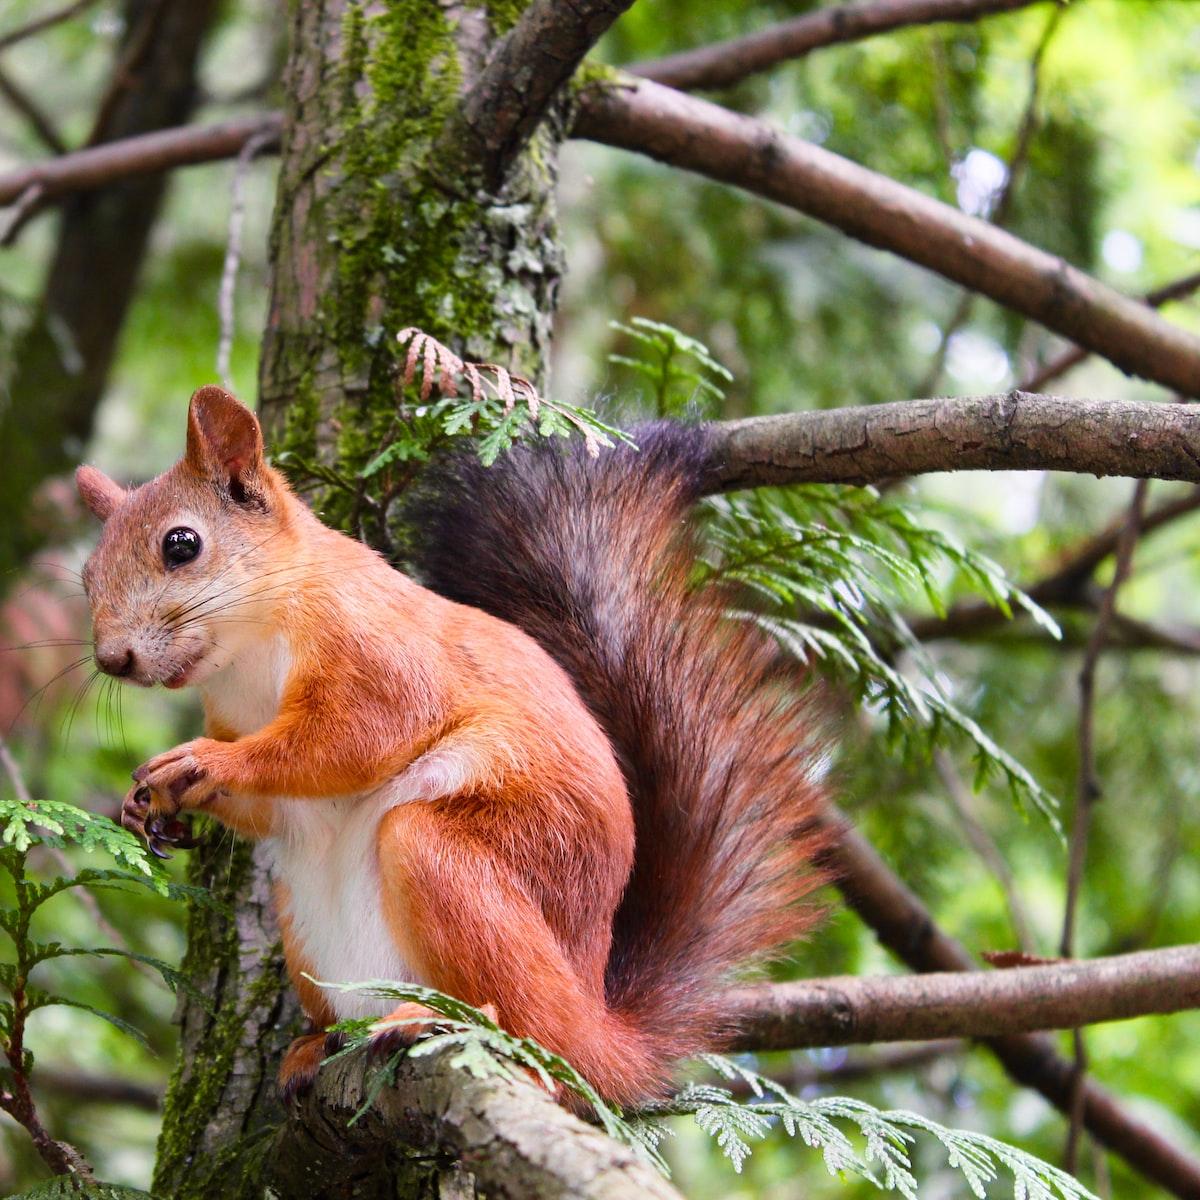 Neueste Eichhörnchen Witze Schlechte Witze